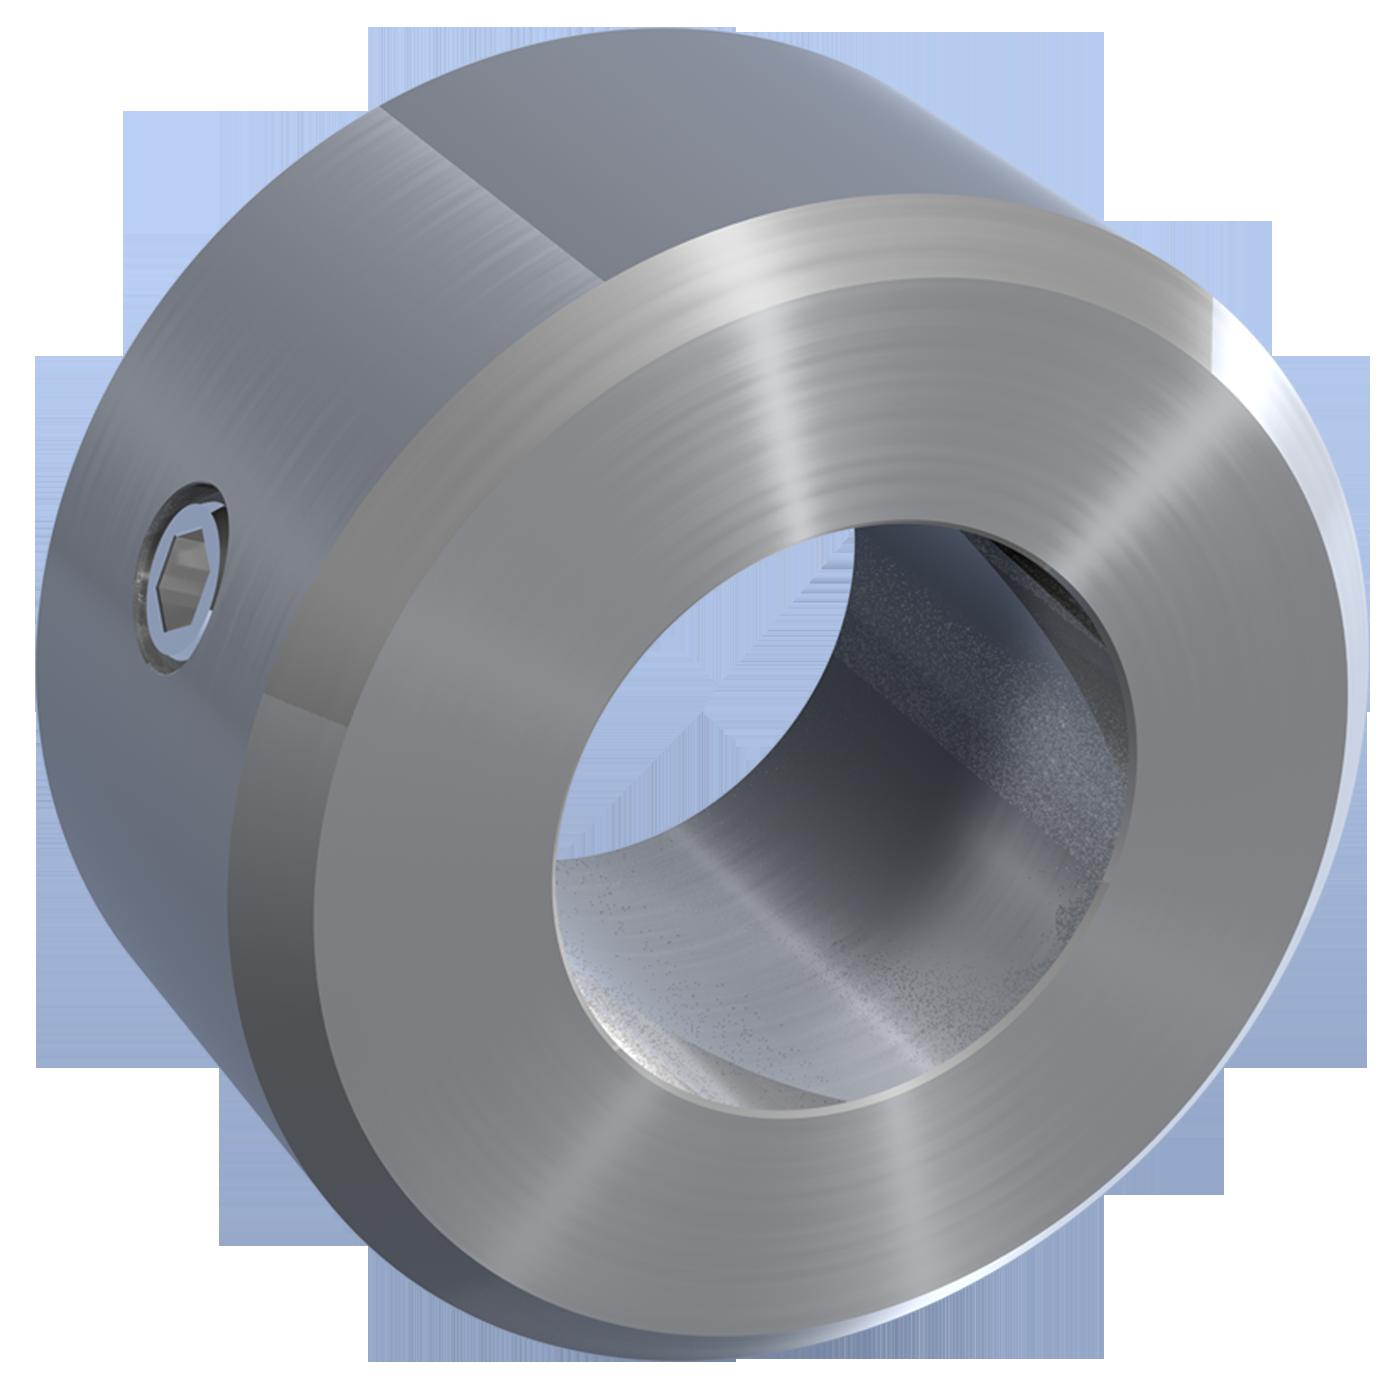 mbo Oßwald liefert Stellringe, Stellring, nach DIN 705 Form A, mit Gewindestift. mbo Oßwald bietet diese Maschinenelemente in Material Stahl und Edelstahl an.